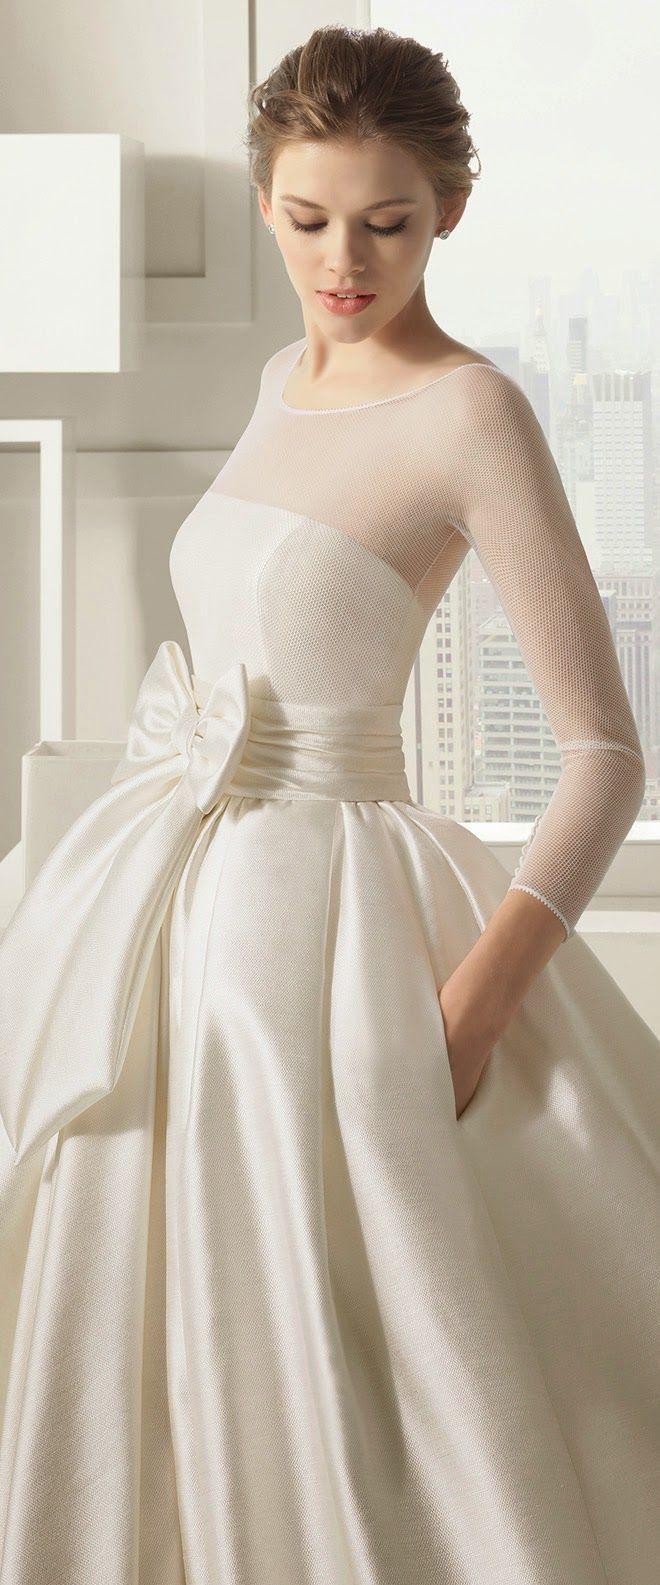 prinzessinen hochzeitskleider 5 besten | Hochzeitskleider, Rosa ...